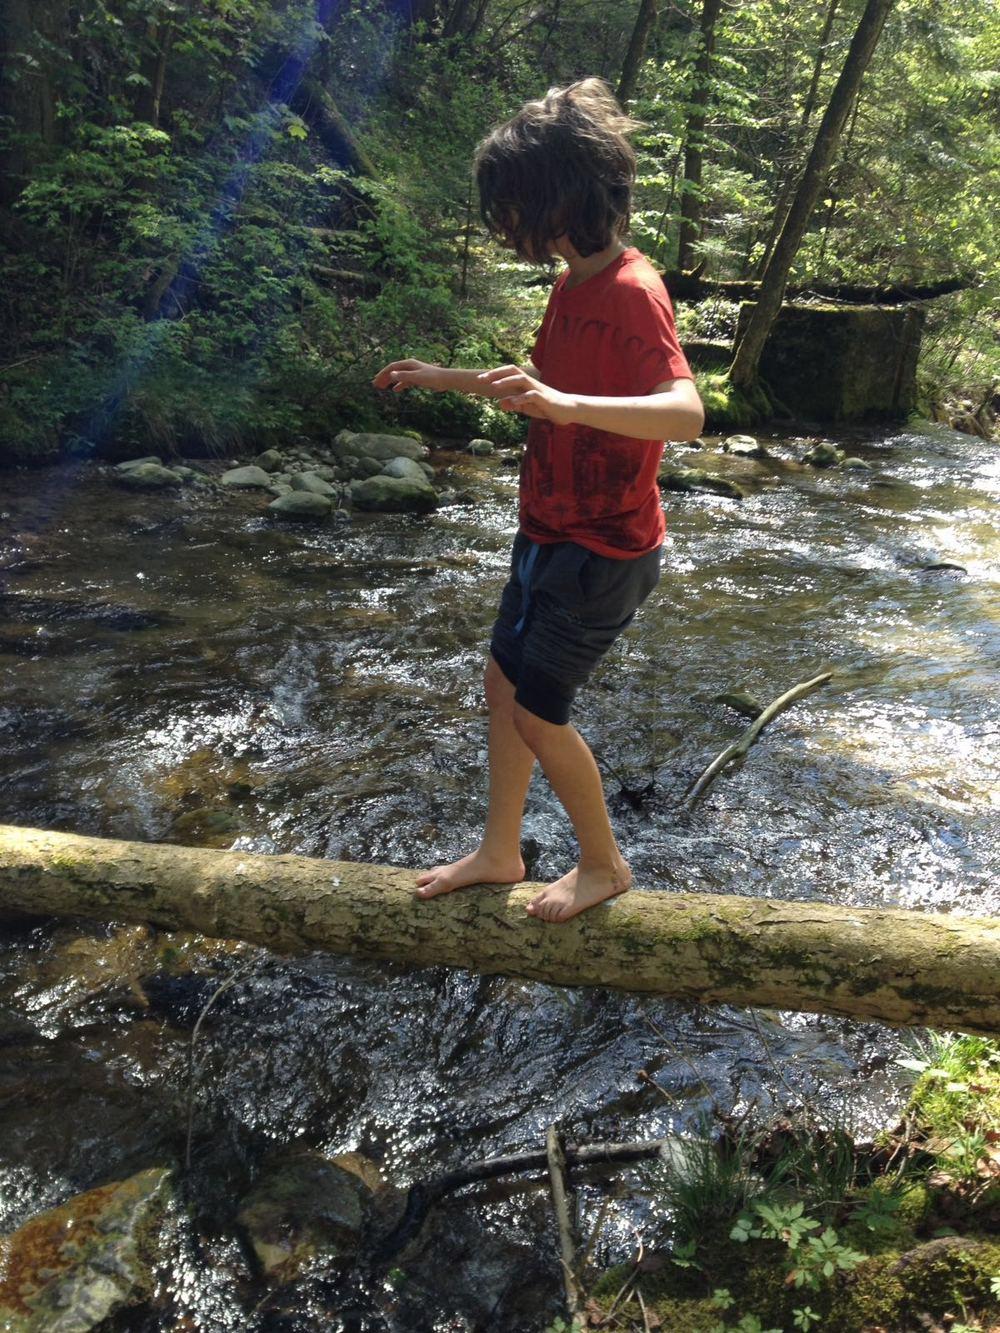 Balanceakt über dem tosendem Wasser